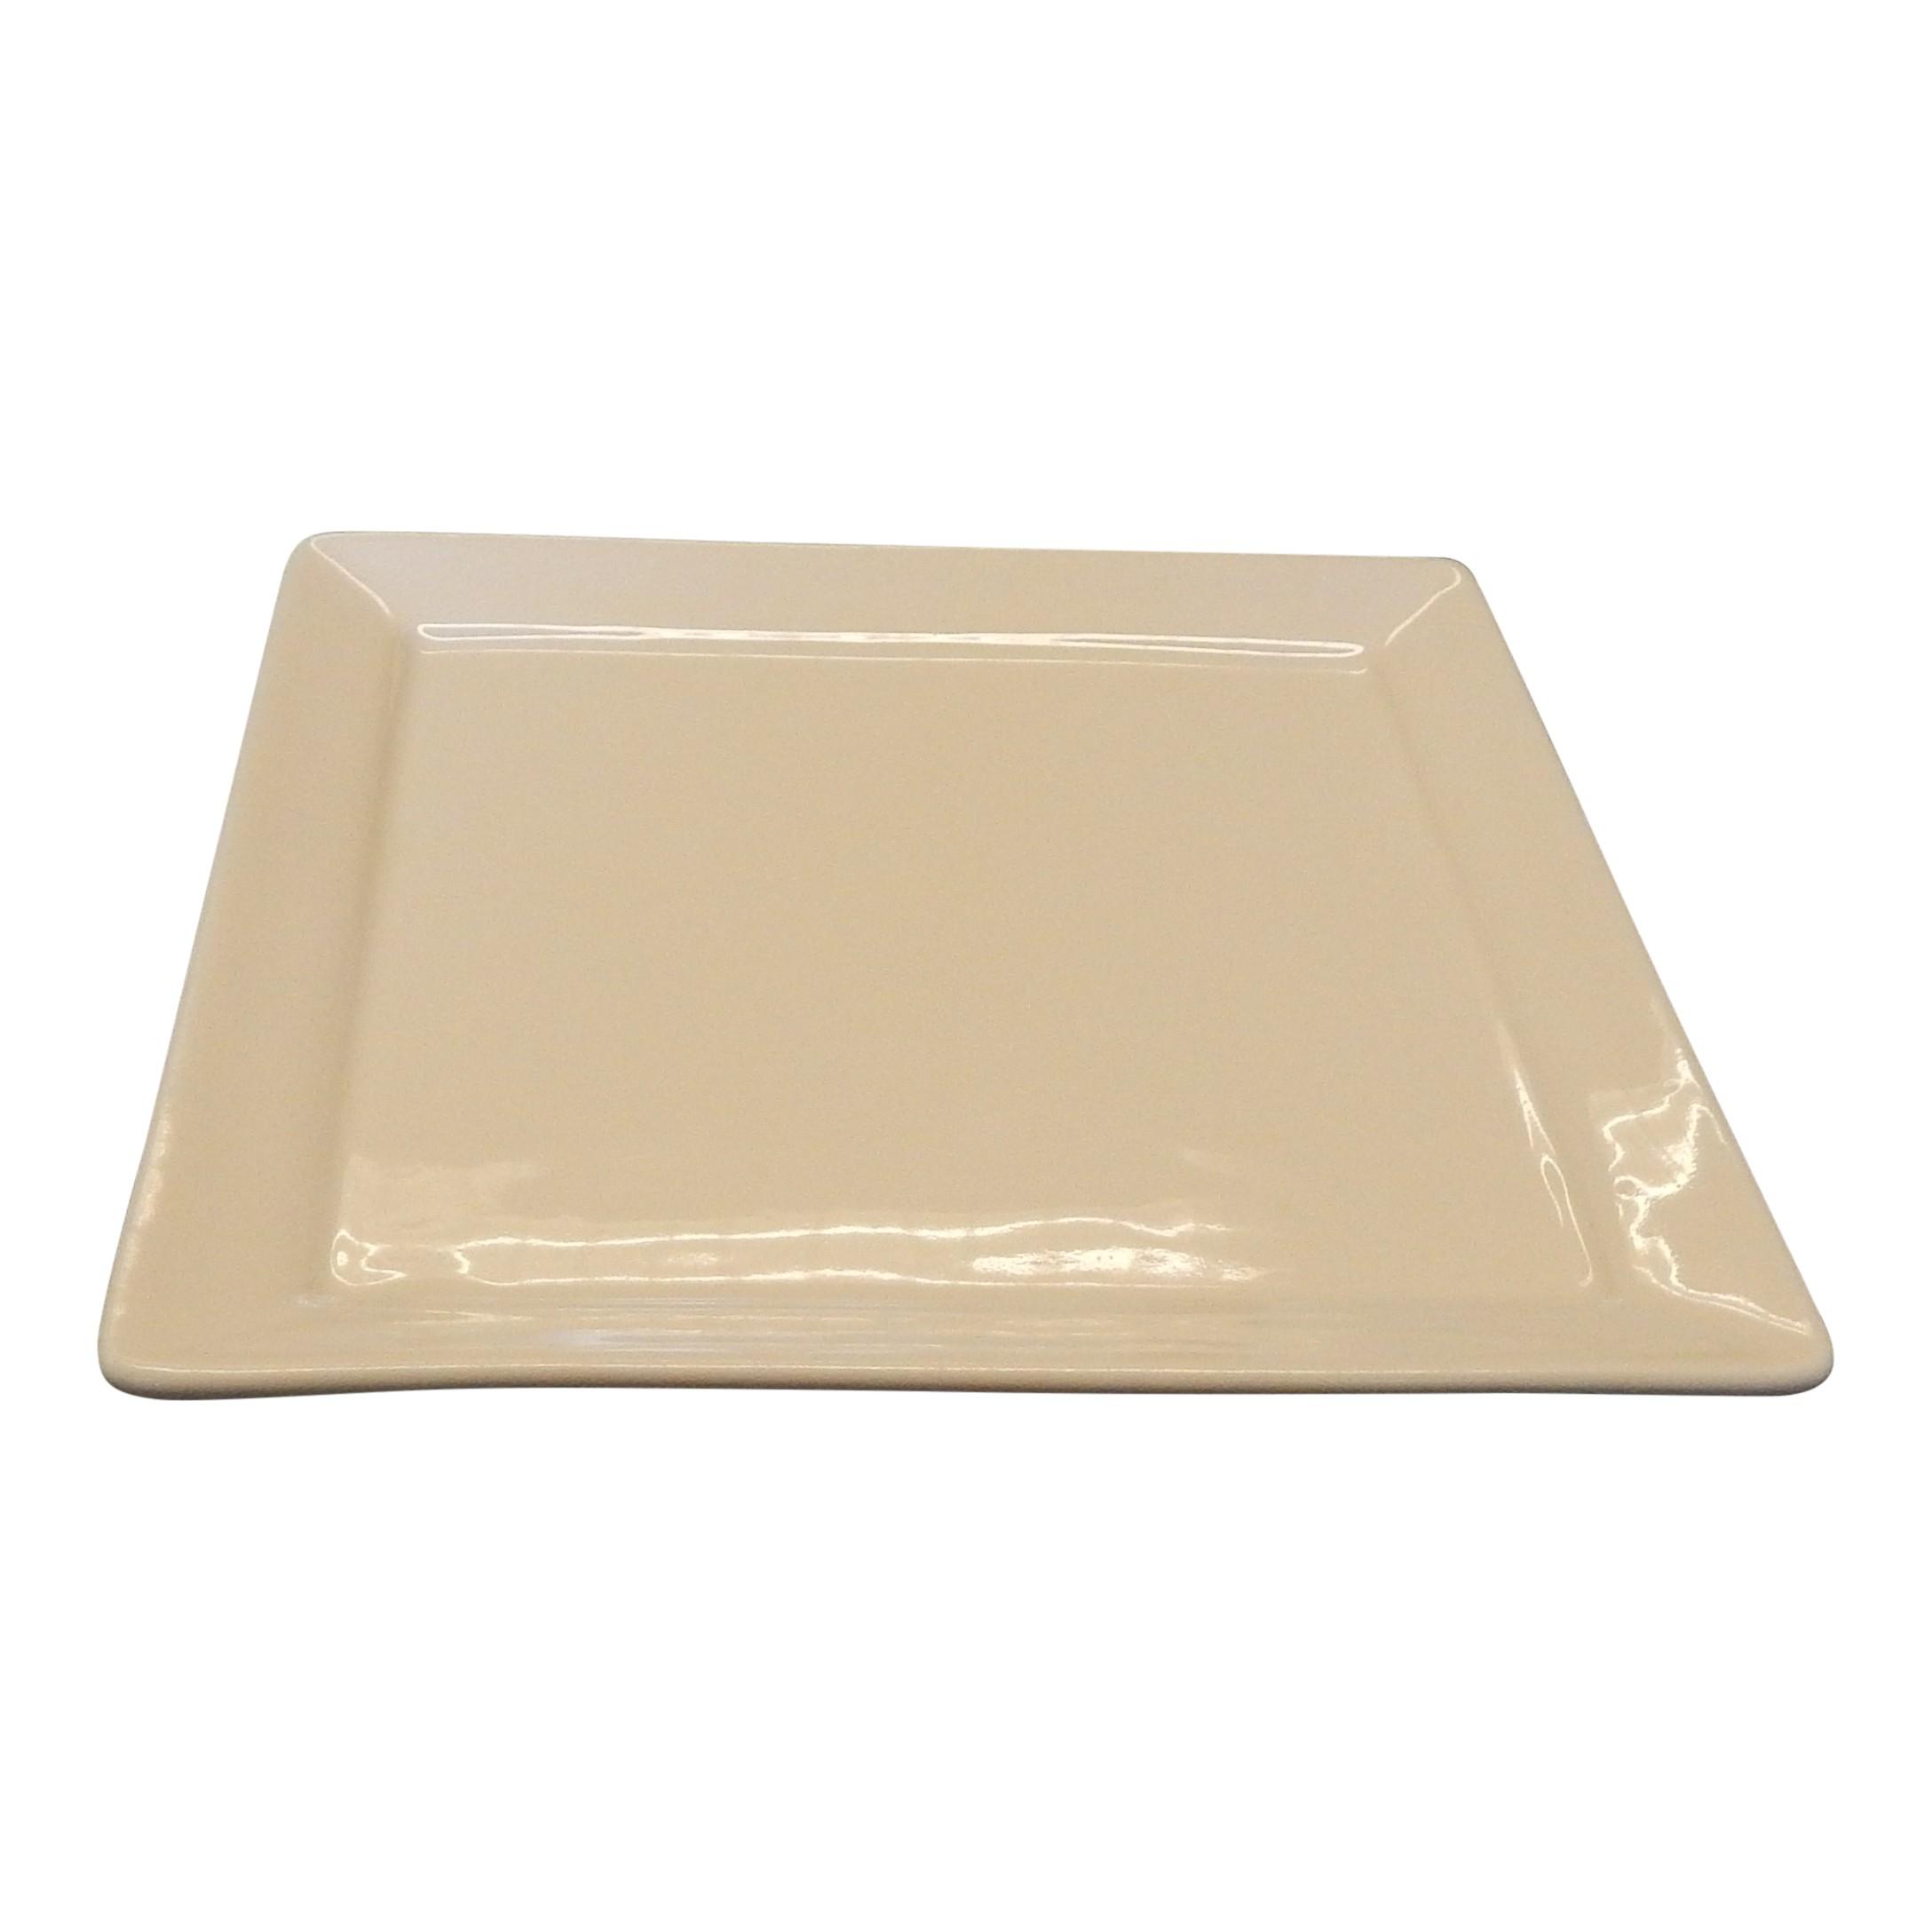 Bord 26cm vierkant ivoor